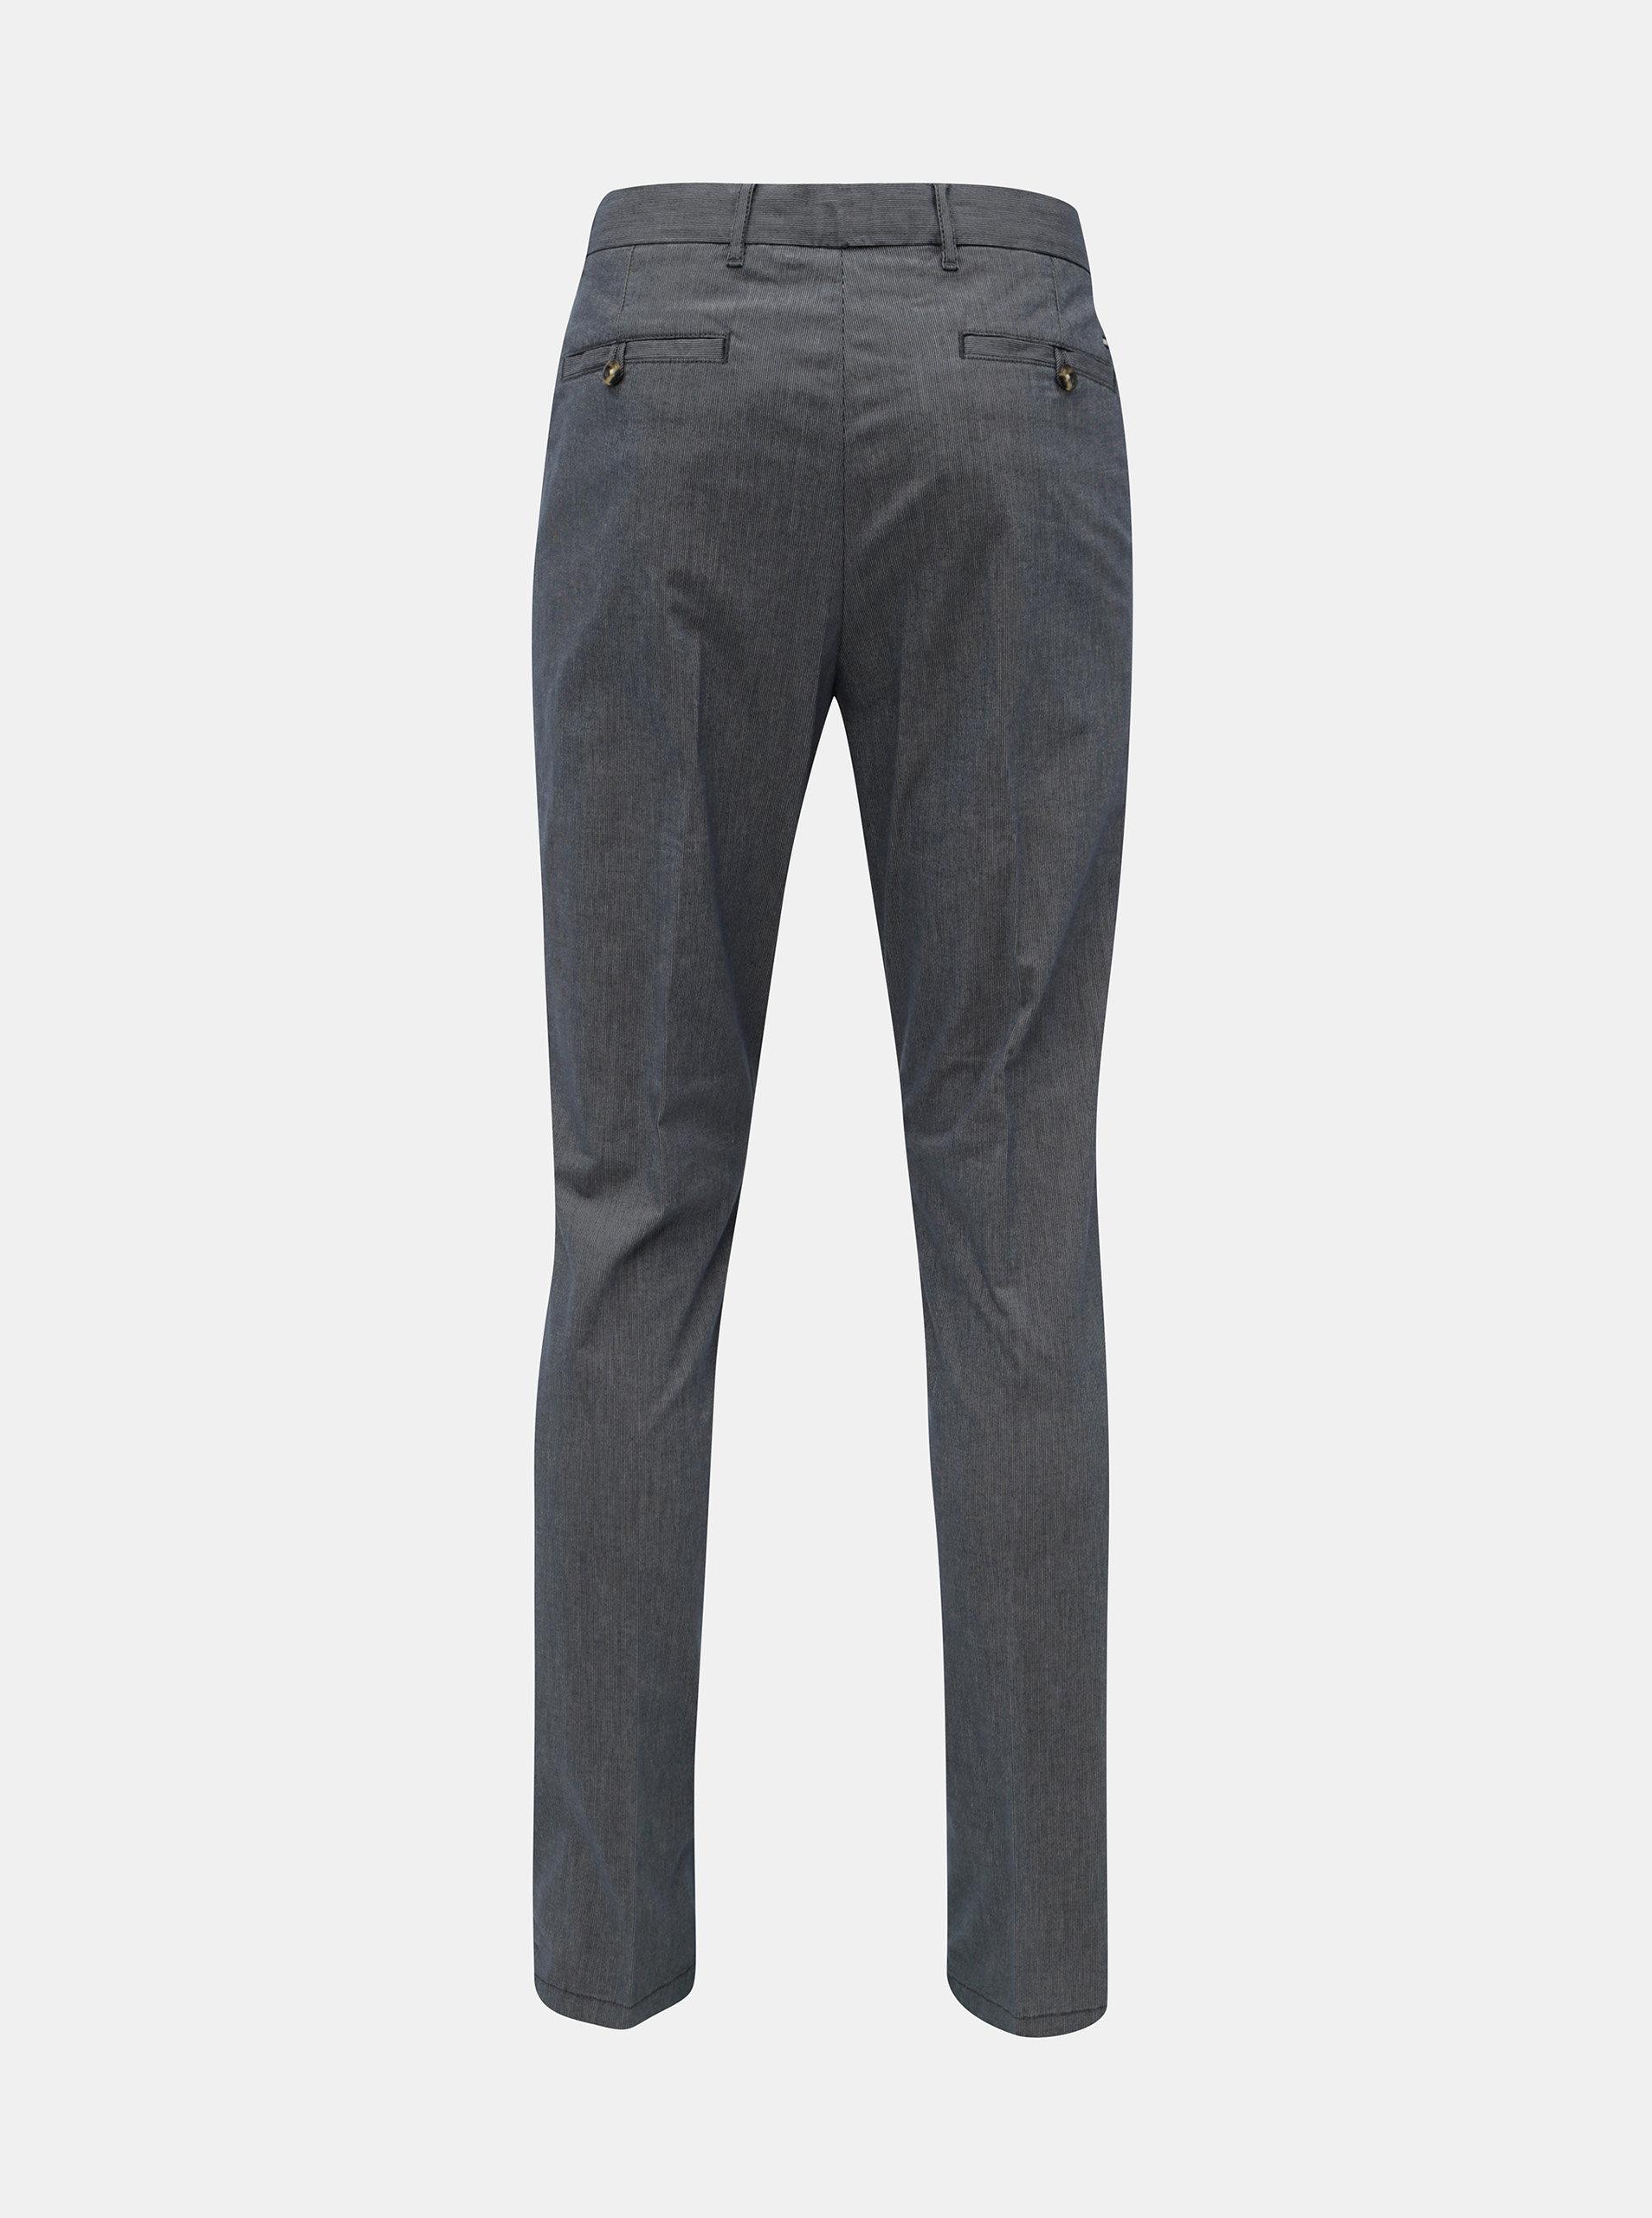 86b720e97620 Modré pánske vzorované straight fit chino nohavice Tommy Hilfiger ...